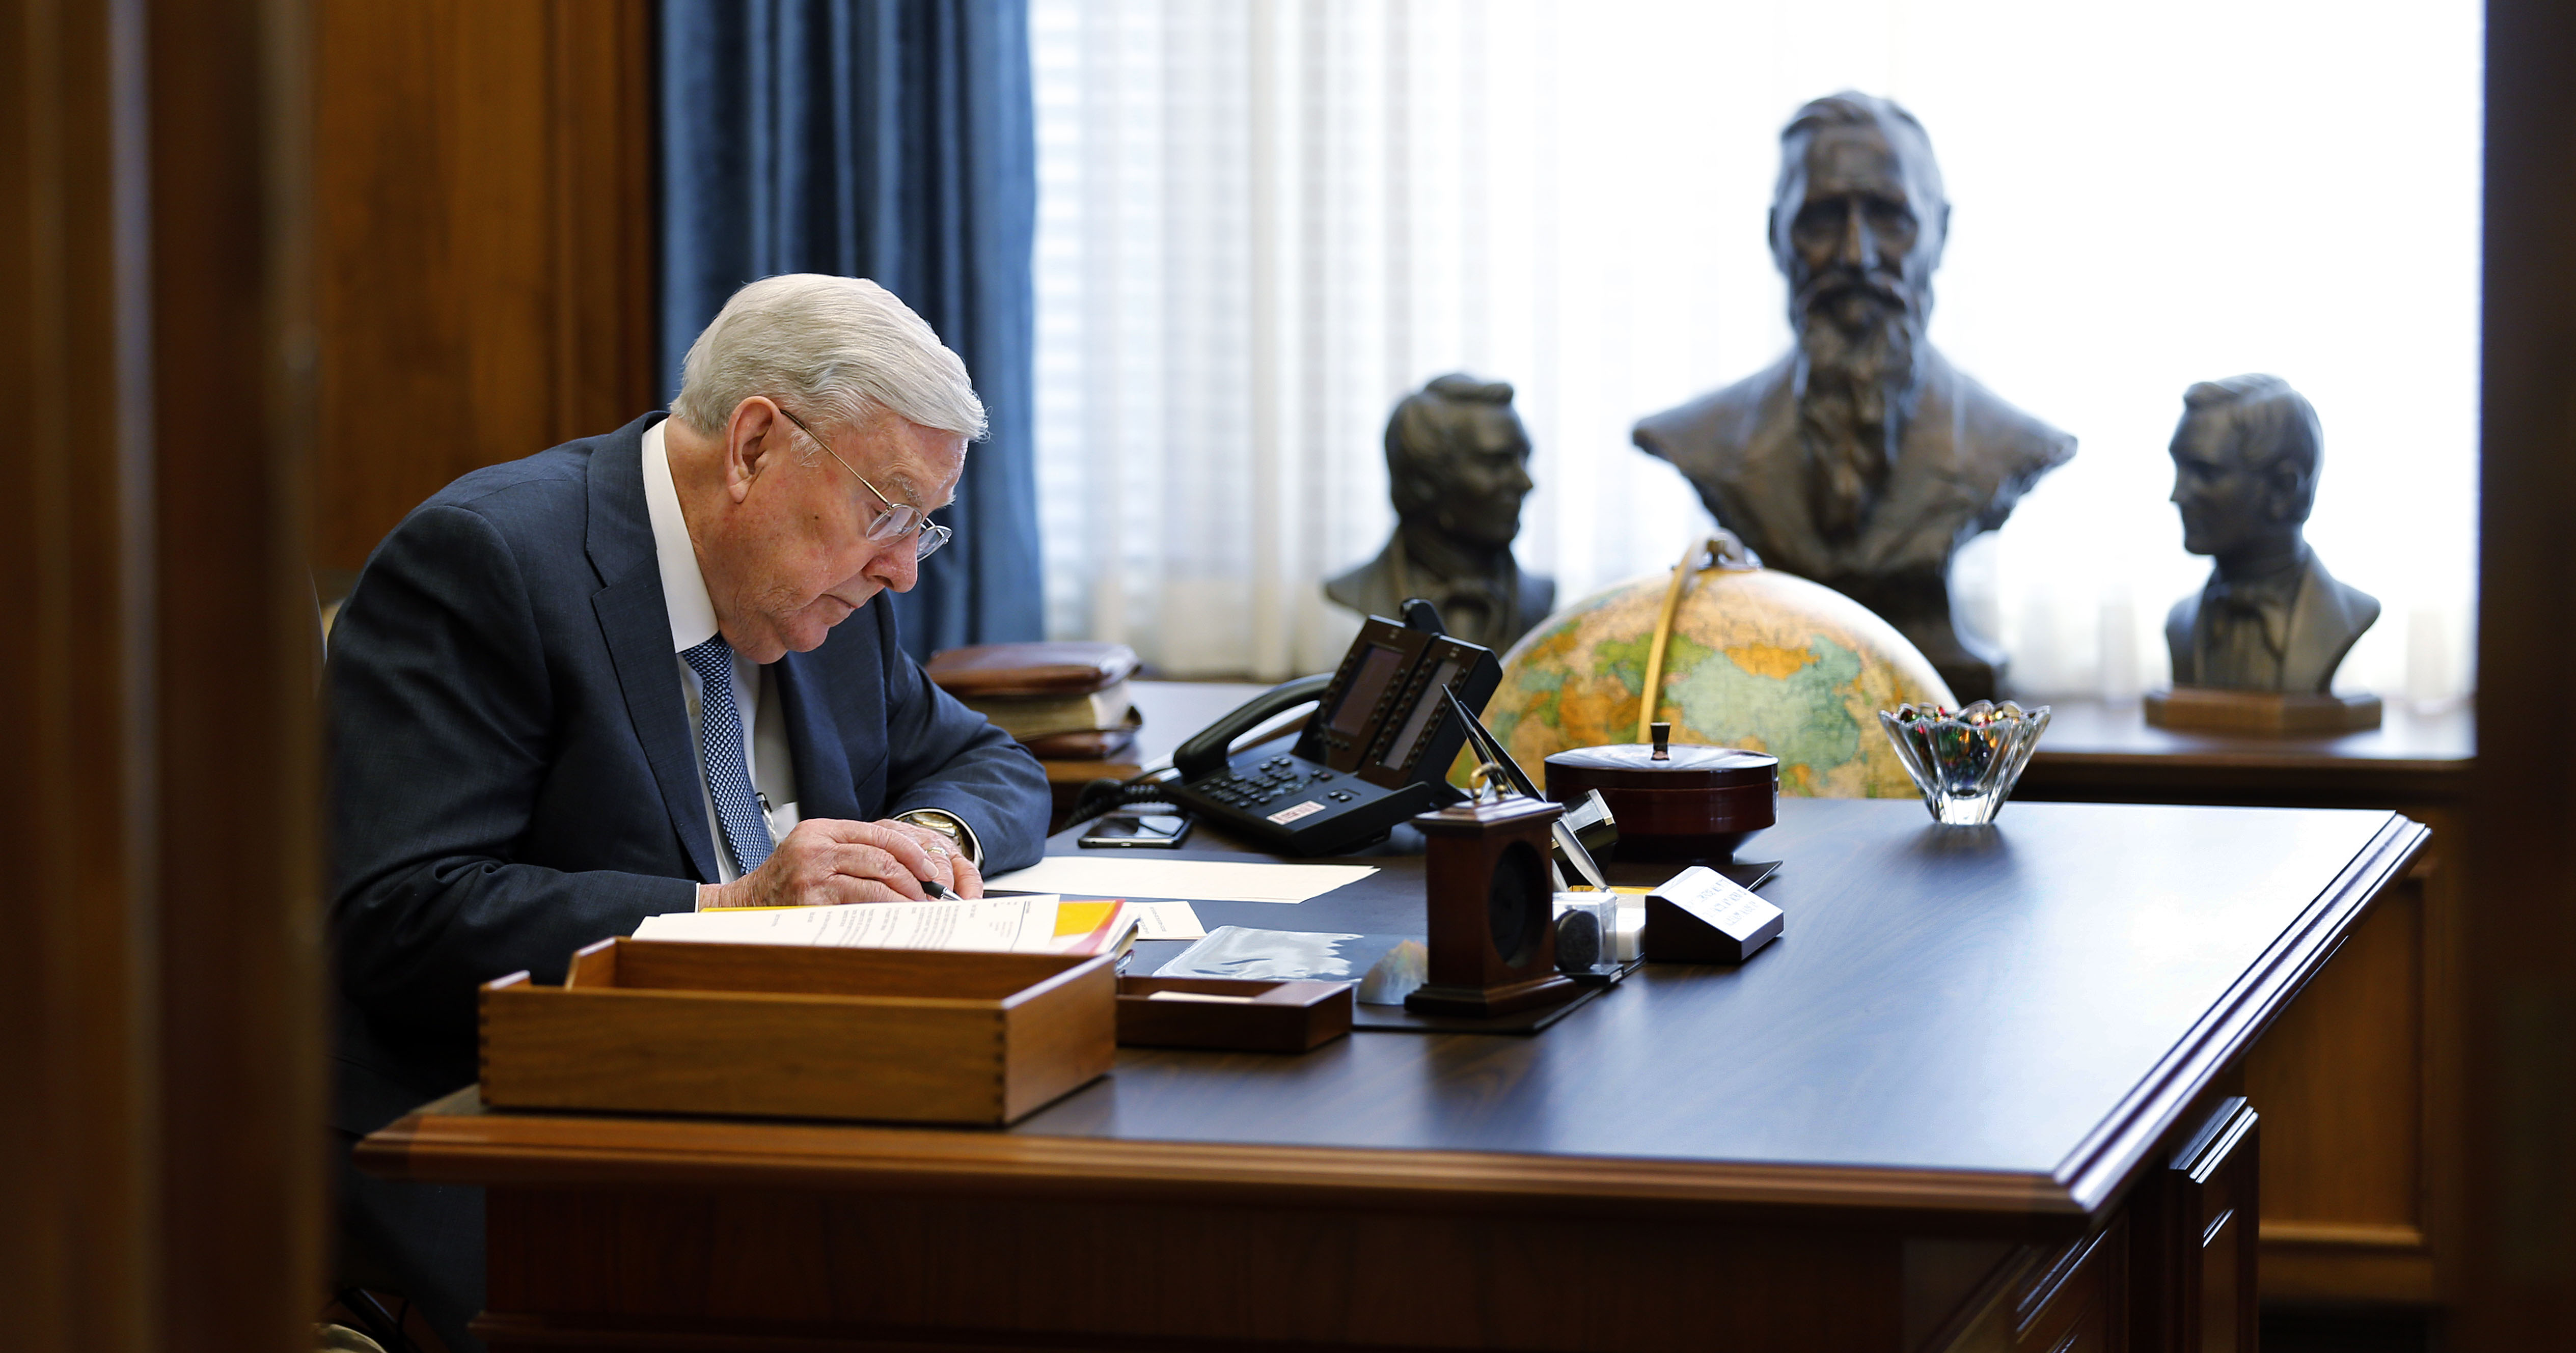 El presidente M. Russell Ballard, presidente en funciones del Cuórum de los Doce Apóstoles de La Iglesia de Jesucristo de los Santos de los Últimos Días, trabaja en su oficina en Salt Lake City el martes, 13 de marzo de 2018.